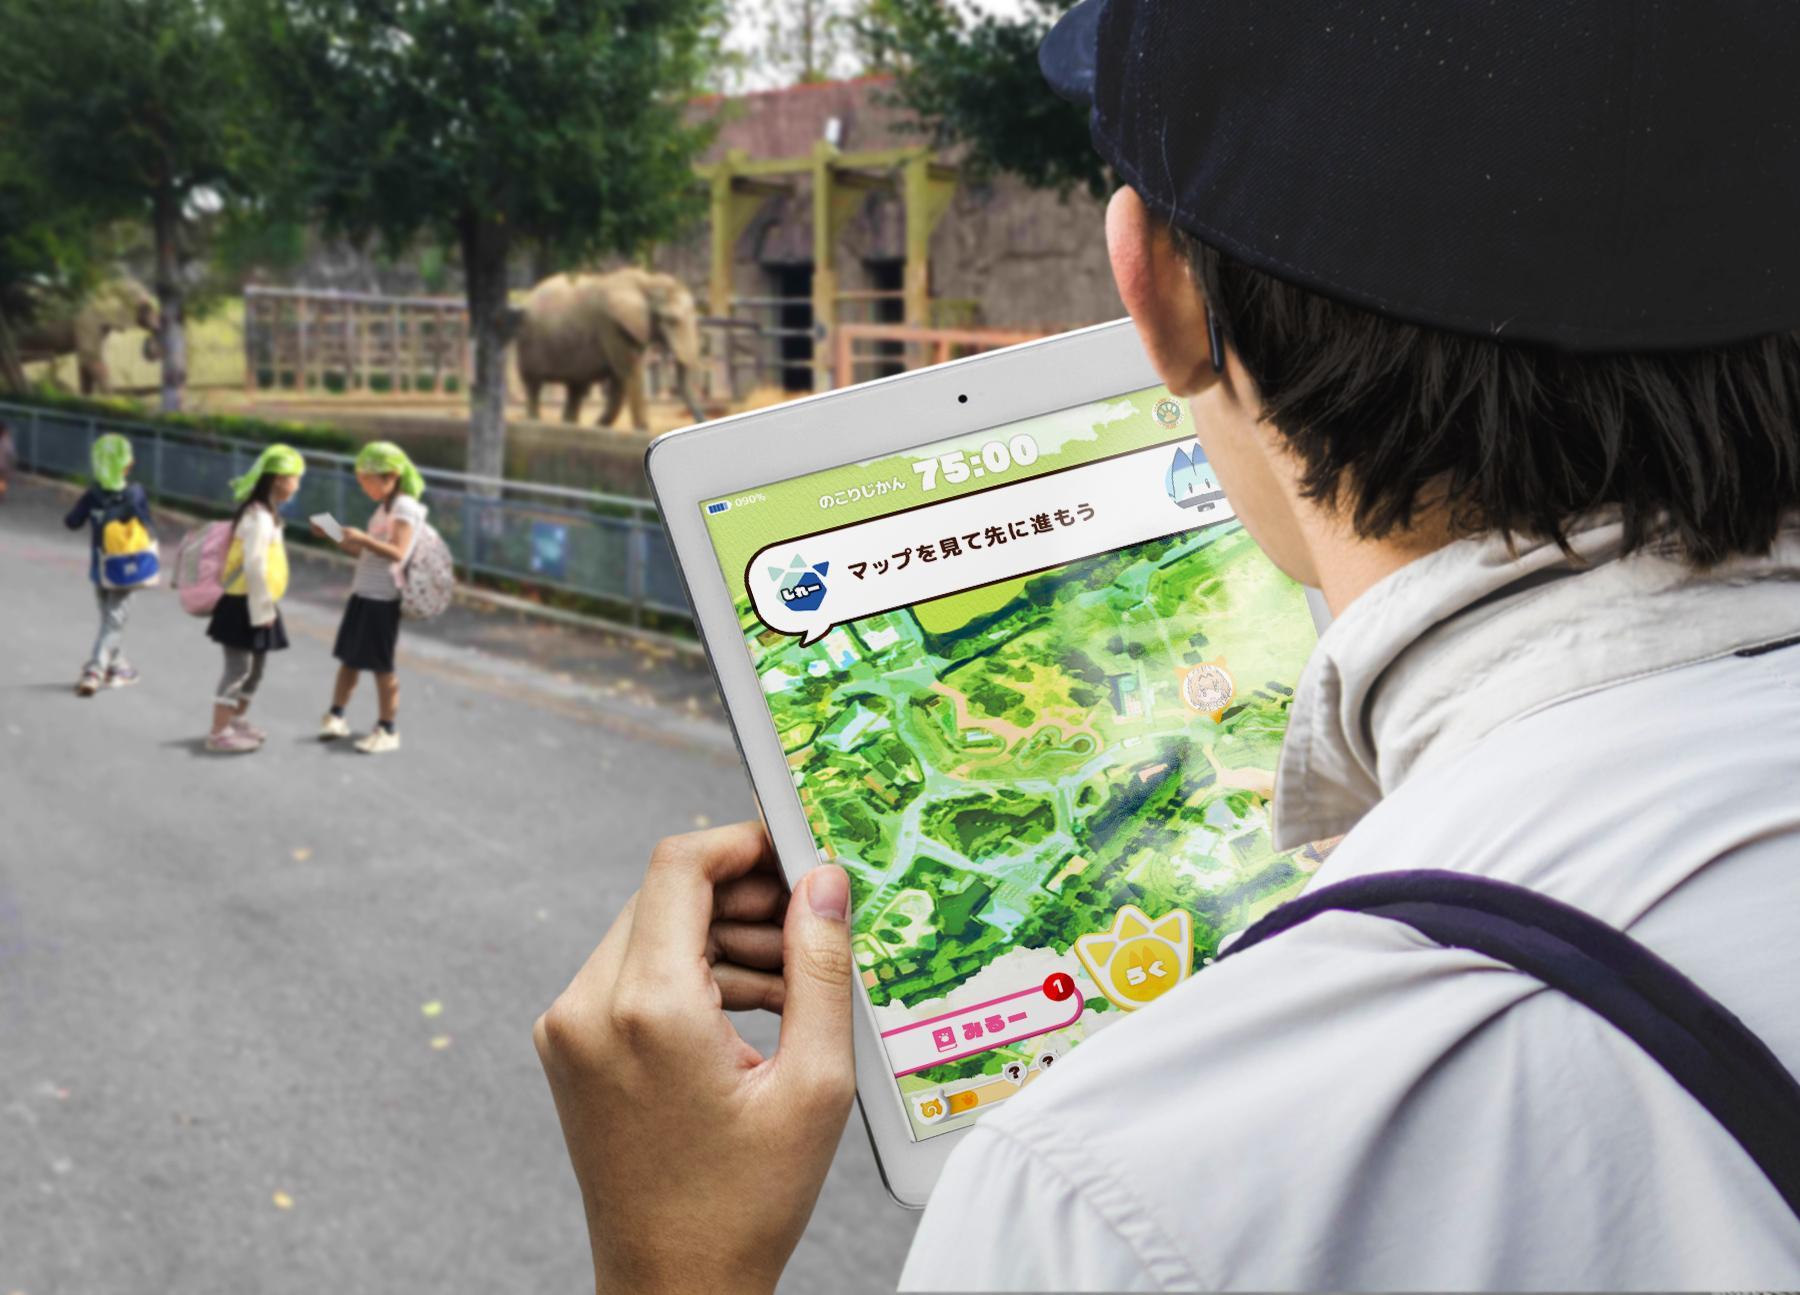 タブレットは位置情報と連動しています。 ゲーム参加者はタブレット上のマップを見ながら、実際の動物園を周遊してゲームを進めていきます。 ※画像はゲーム参加イメージです。